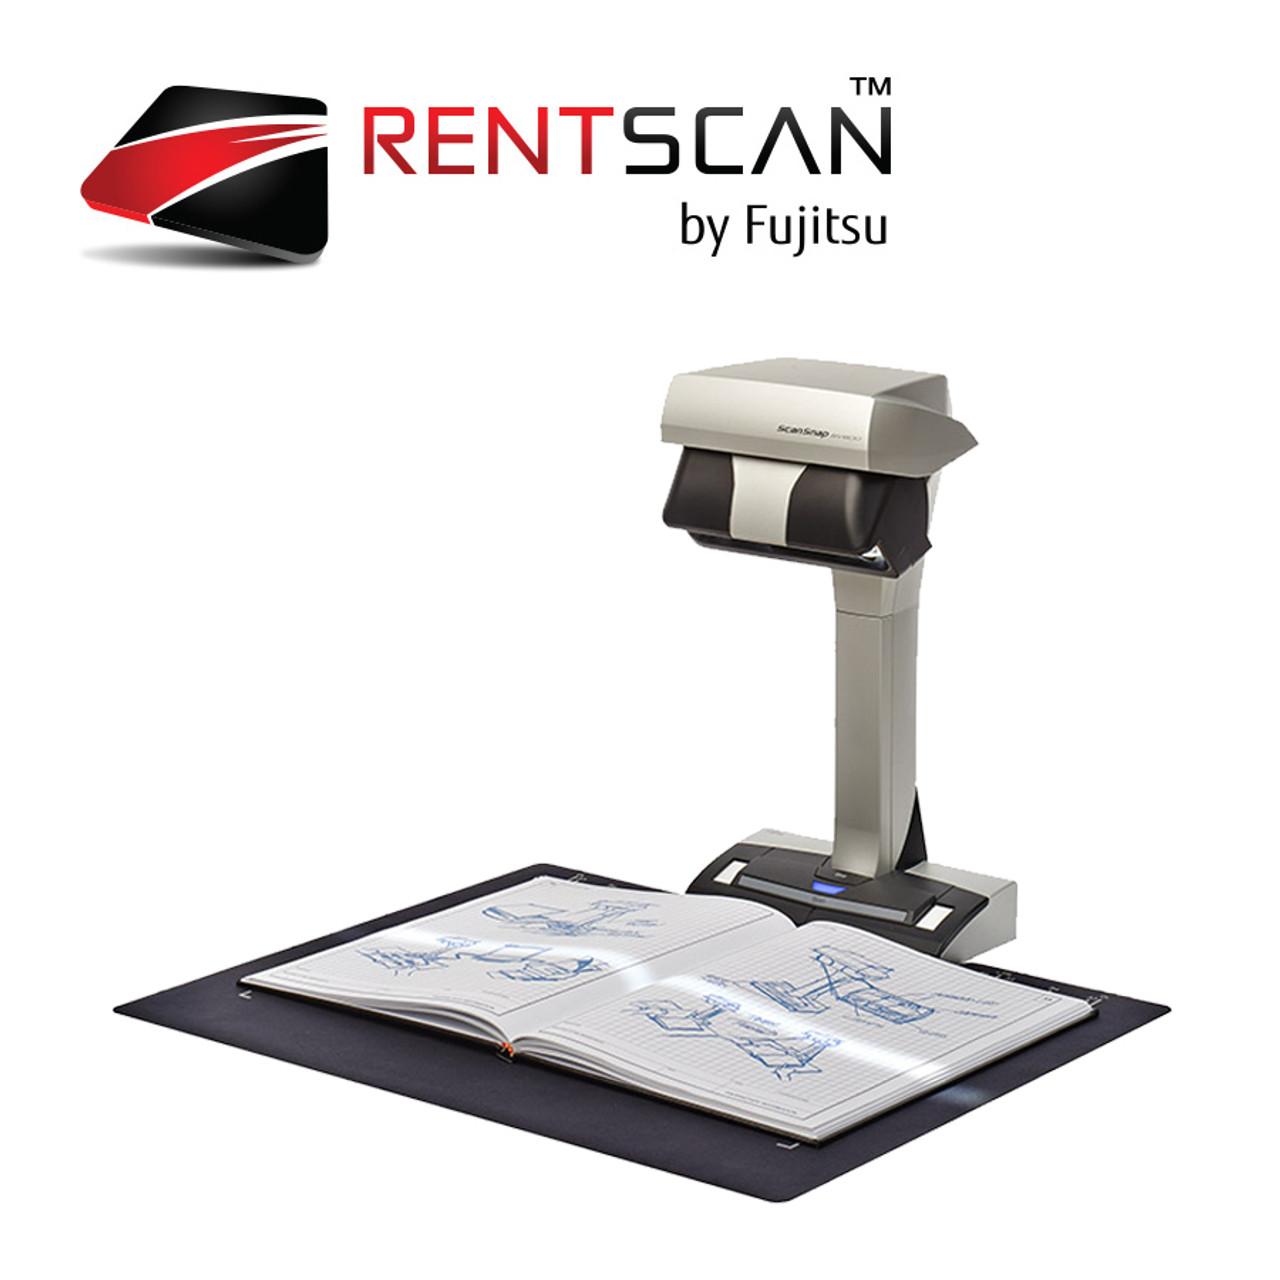 Scansnap Sv600 Overhead Scanner Rental Rentscan Fujitsu Store Fi Series N7100 Network